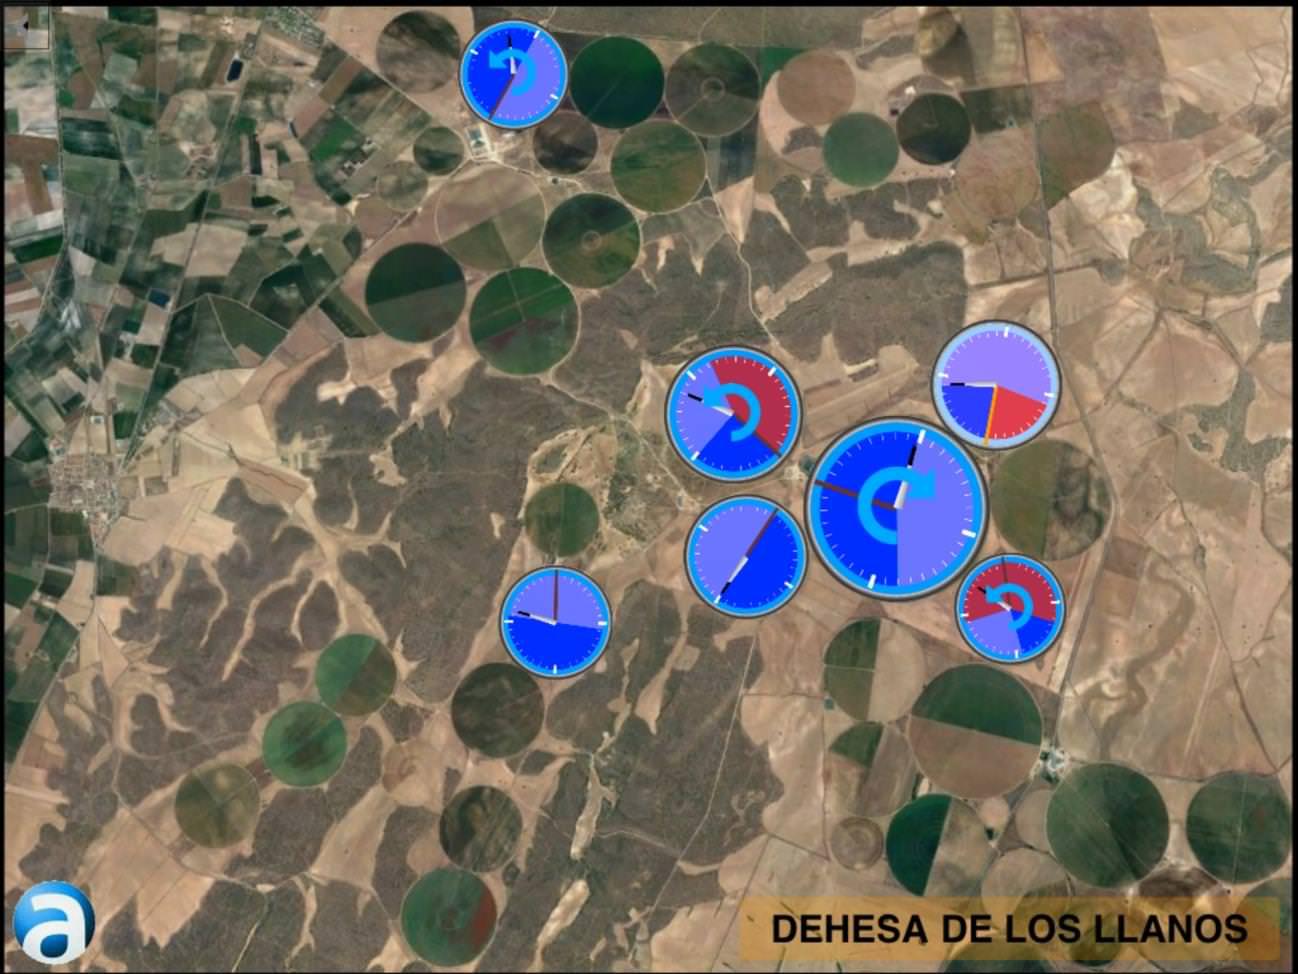 CLIENTE: DEHESA DE LOS LLANOS, S.L.   PROYECTO: AUTOMATIZACIÓN E INTEGRACIÓN DE SISTEMAS DE RIEGO PIVOTS (SICOP)  LOCALIZACIÓN: DEHESA DE LOS LLANOS  (Albacete)  DESCRIPCION: Automatización de 7 PIVOTS con posicionamiento de GPS, controlando presión en alero, cabeza y caudal para control preciso del riego. Esta actuación permite al cliente un control eficiente de todos los parámetros de presiones, temperaturas y caudales optimizando los recursos hídricos y energéticos de la instalación. Y además instalaciones con un retorno económico muy rápido.